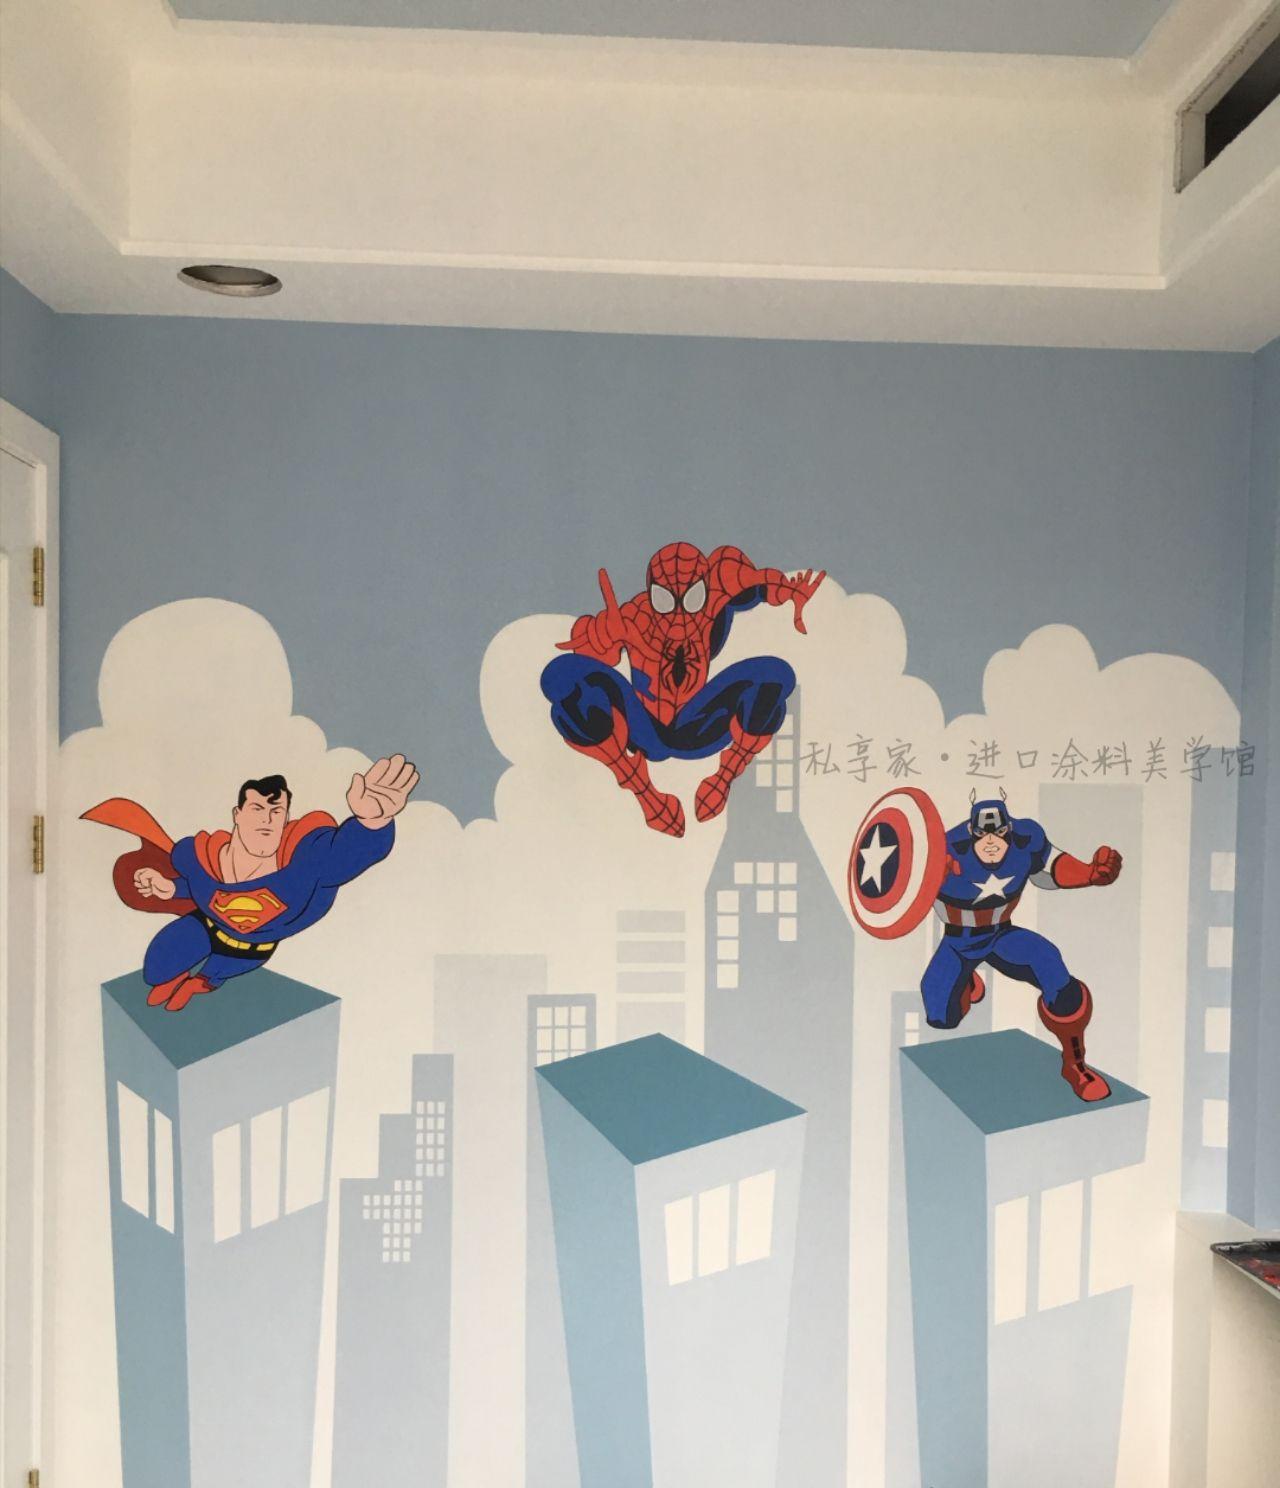 私享家 Saber/意大利沐瑟原罐原装进口艺术涂料 儿童房背景墙